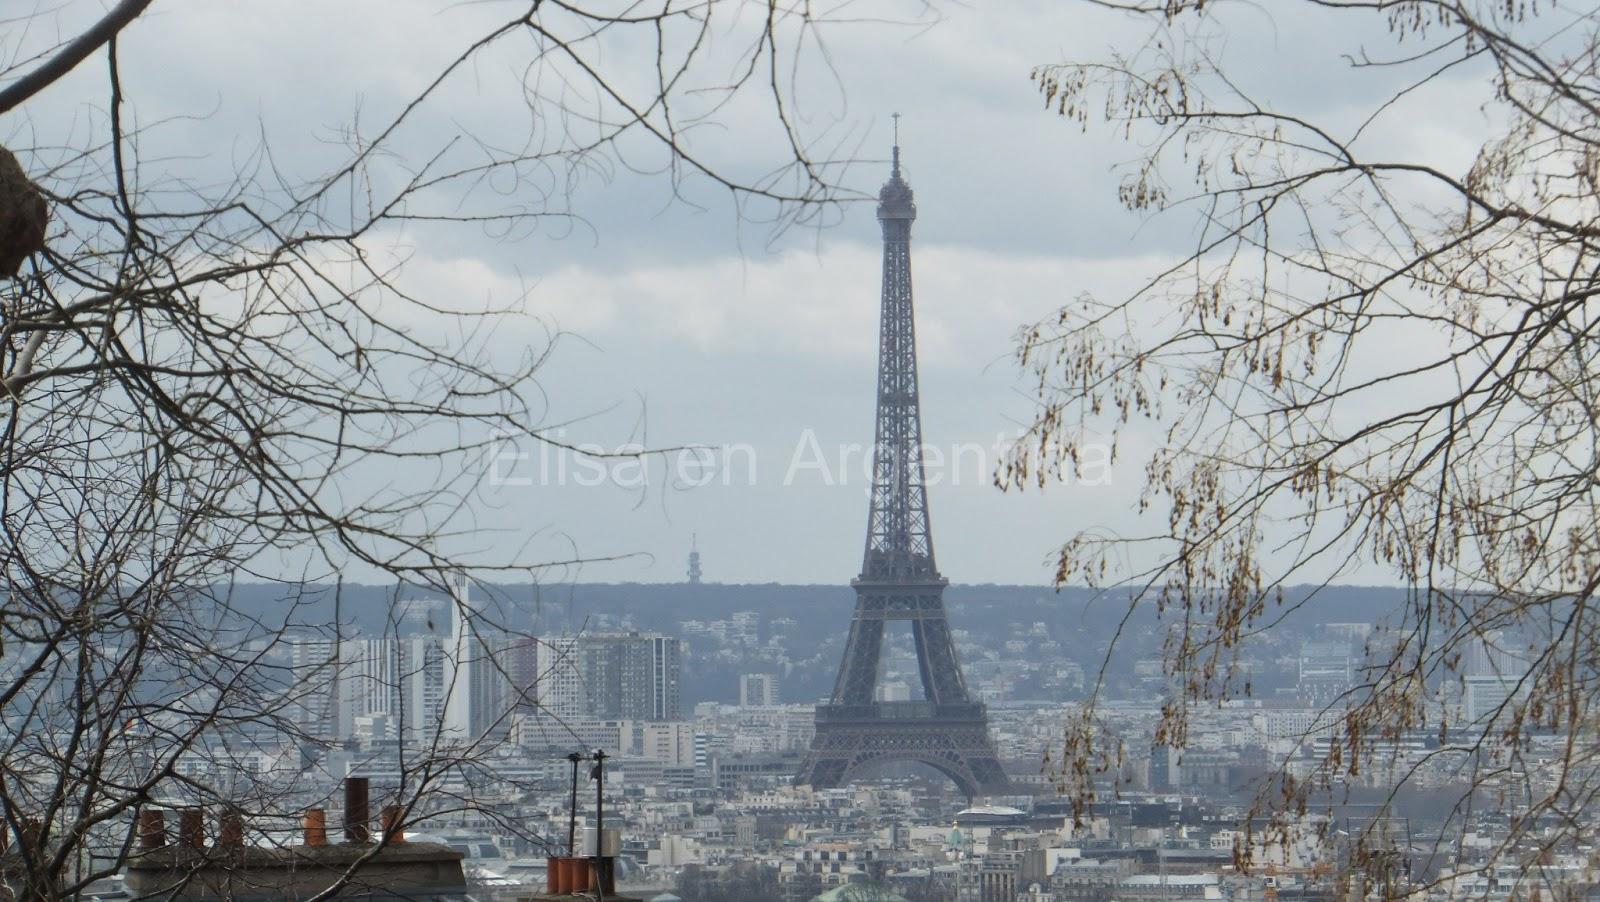 La Tour Eiffel desde Montmartre